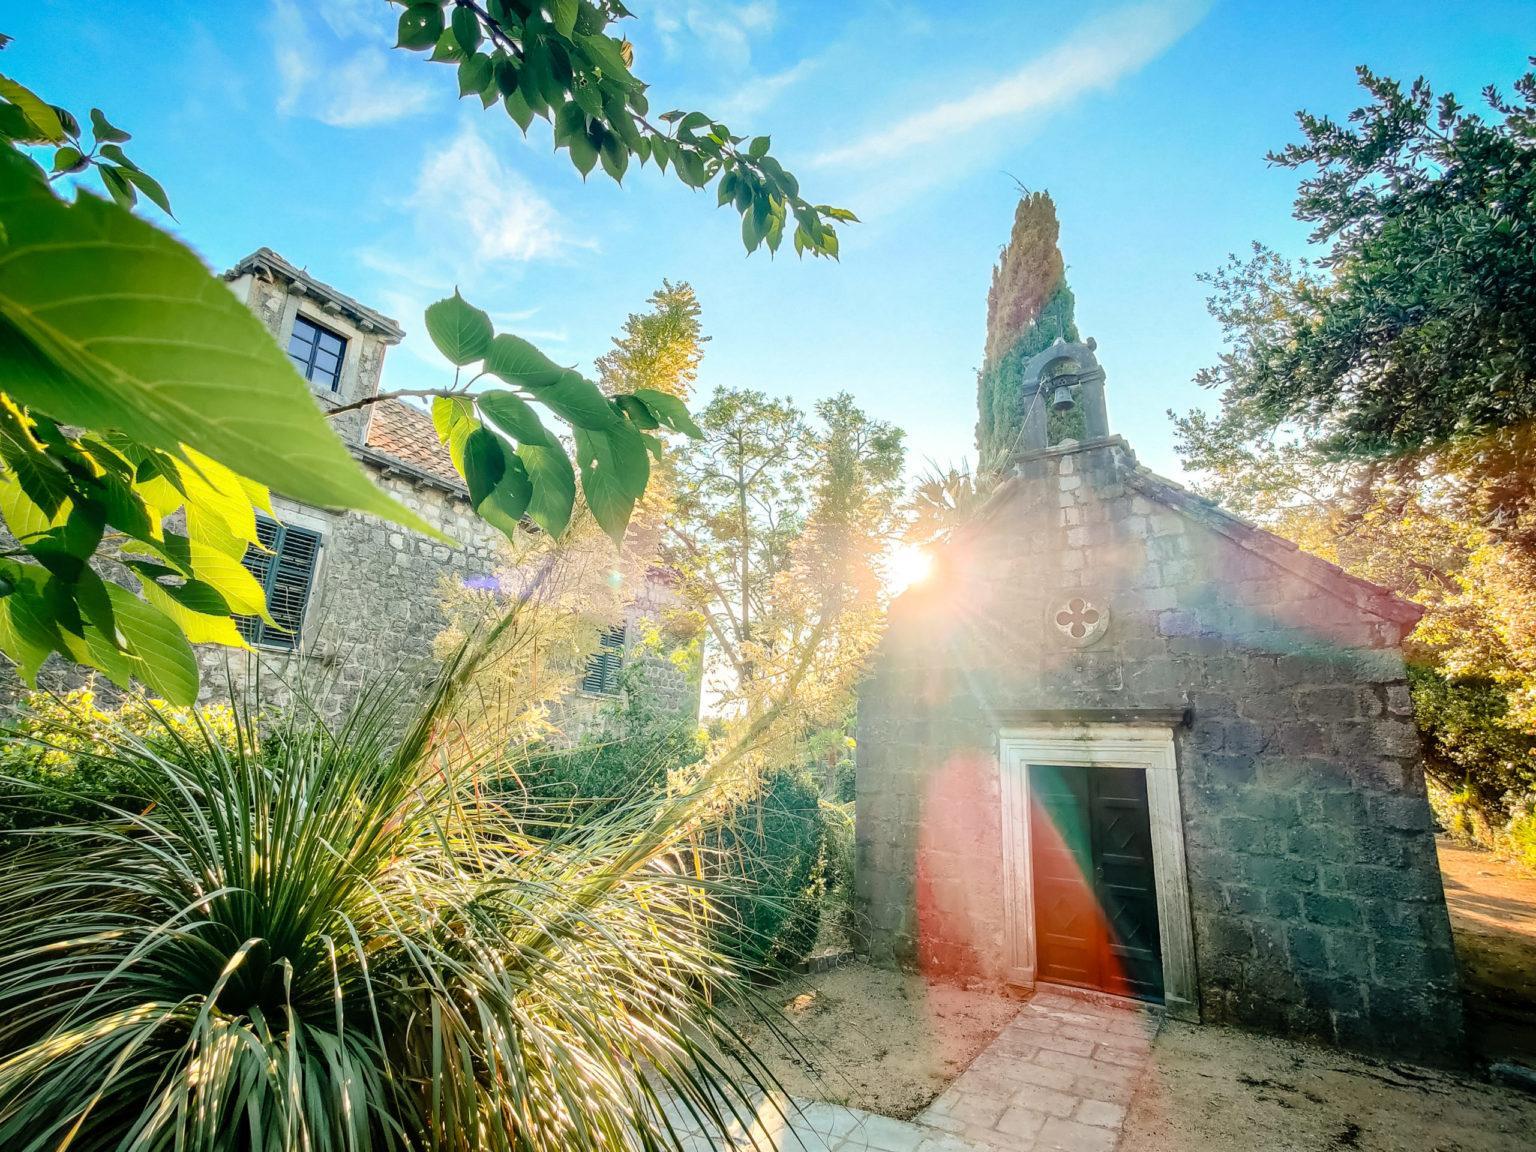 hochzeitslocation Kroatien location hochzeit heiraten 7 9 scaled - Historische Gärten